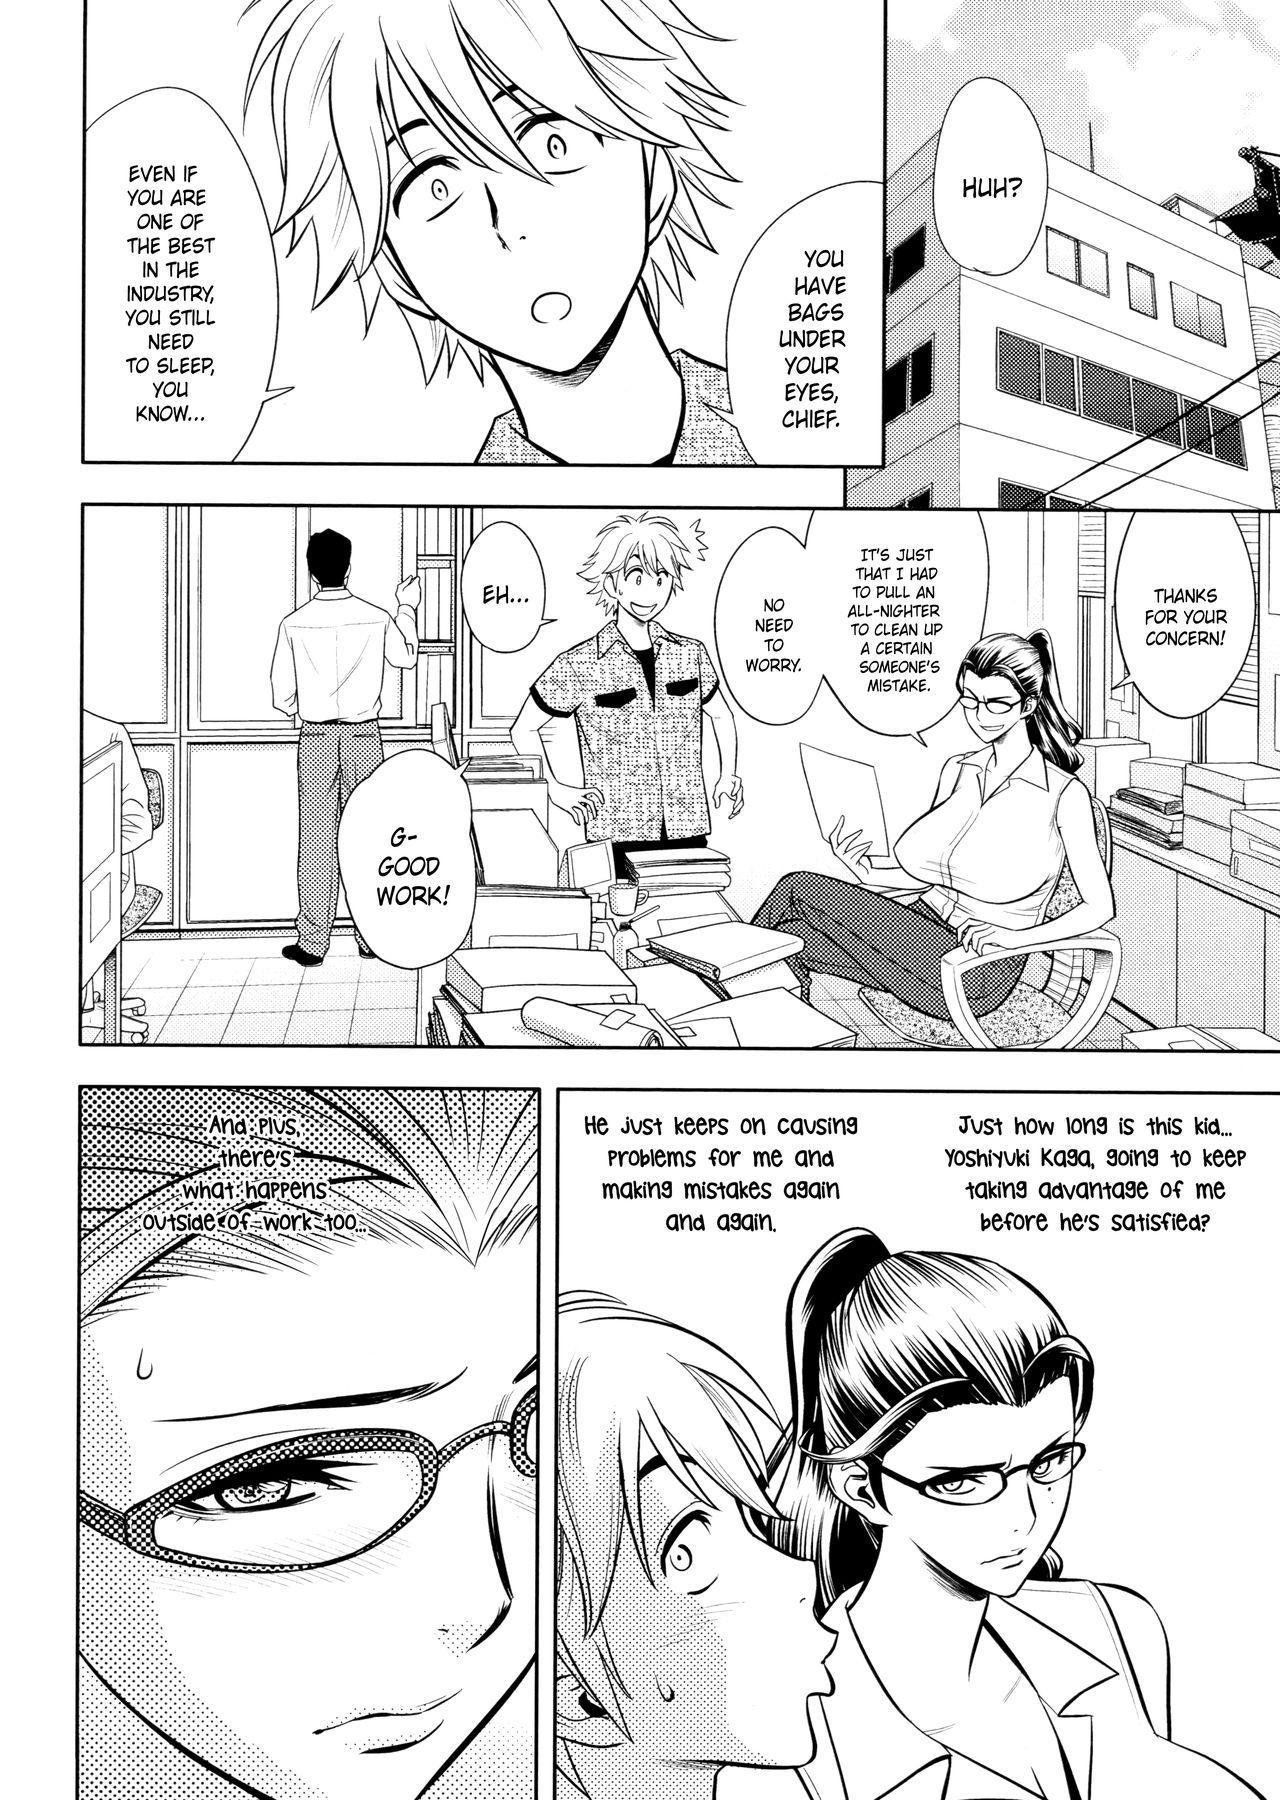 [Tatsunami Youtoku, Yamazaki Masato] Bijin Henshuu-chou no Himitsu | Beautiful Editor-in-Chief's Secret Ch. 1-7 [English] [Forbiddenfetish77, Red Vodka, Crystalium, CEDR777] [Decensored] 105